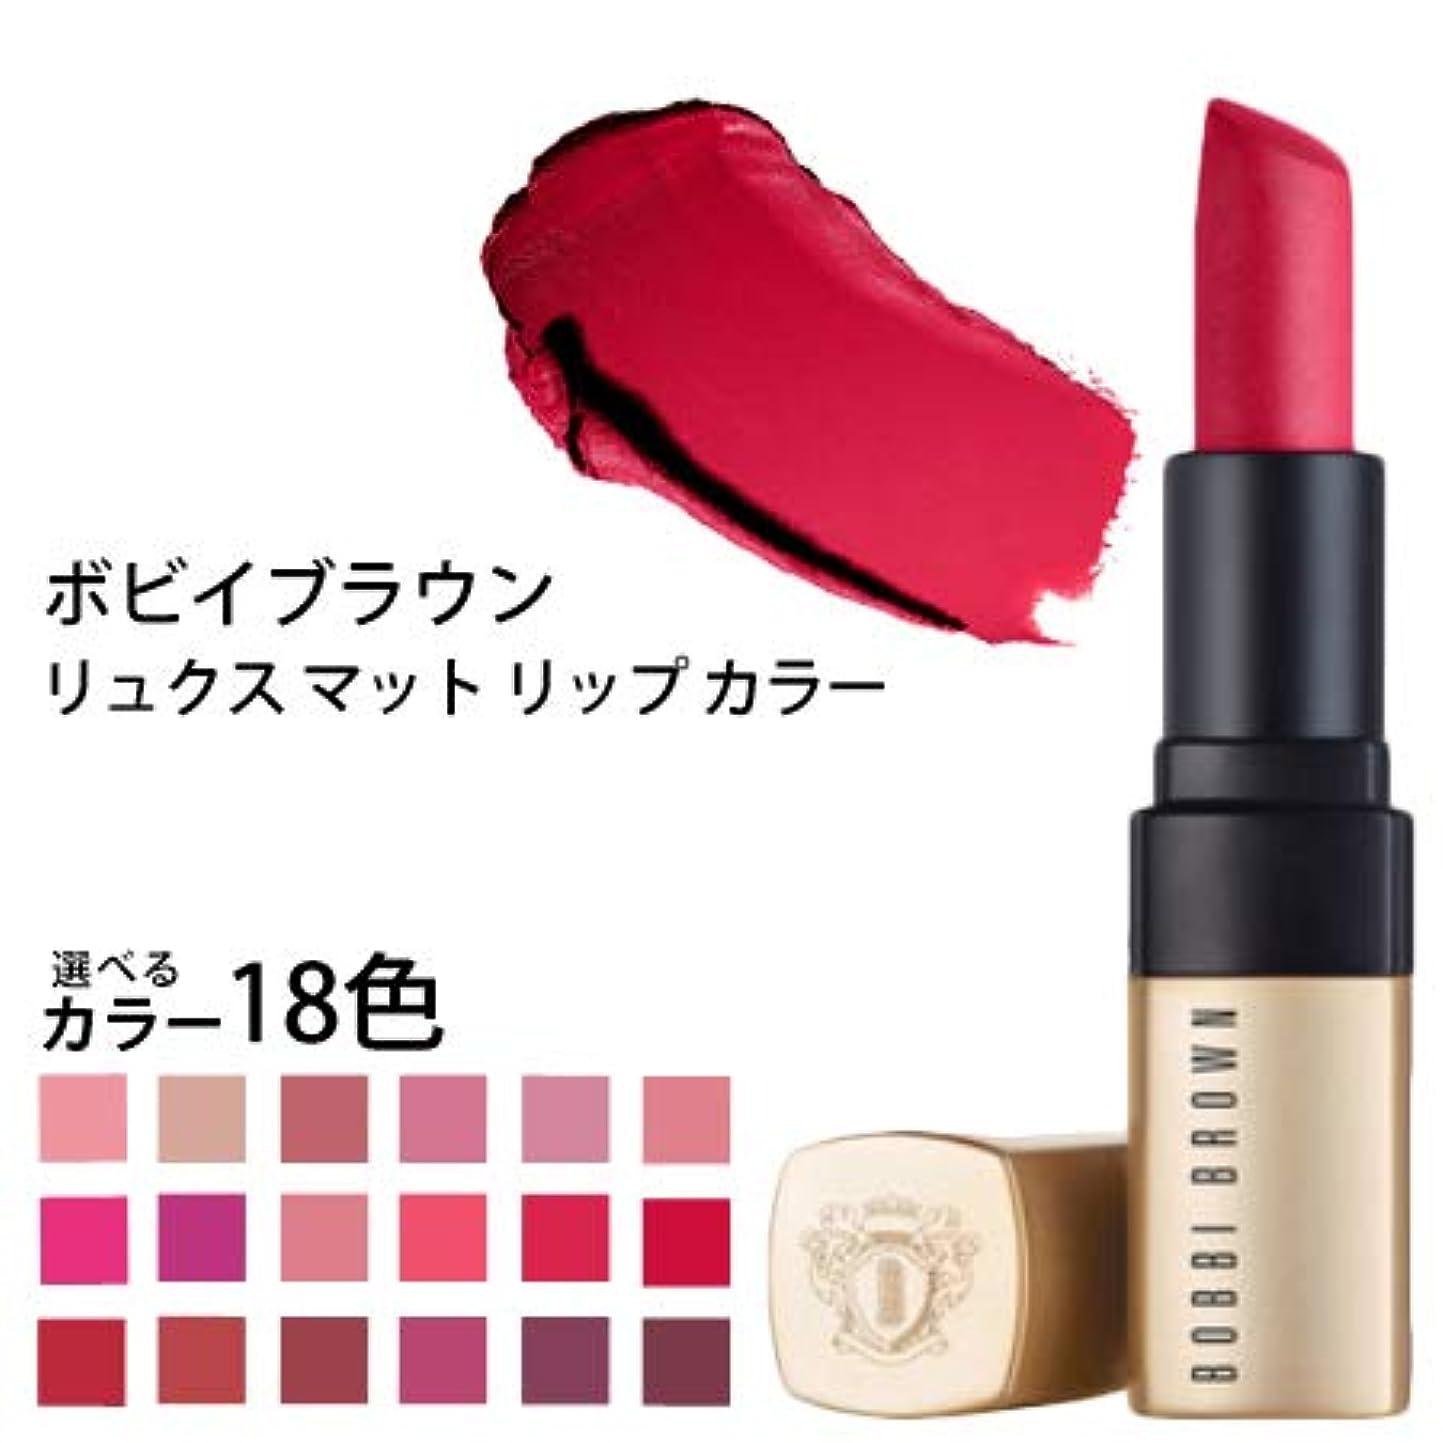 ルーキーリスキーなセメントボビイブラウン リュクス マット リップ カラー 18色展開 -BOBBI BROWN- 16:バーントチェリー